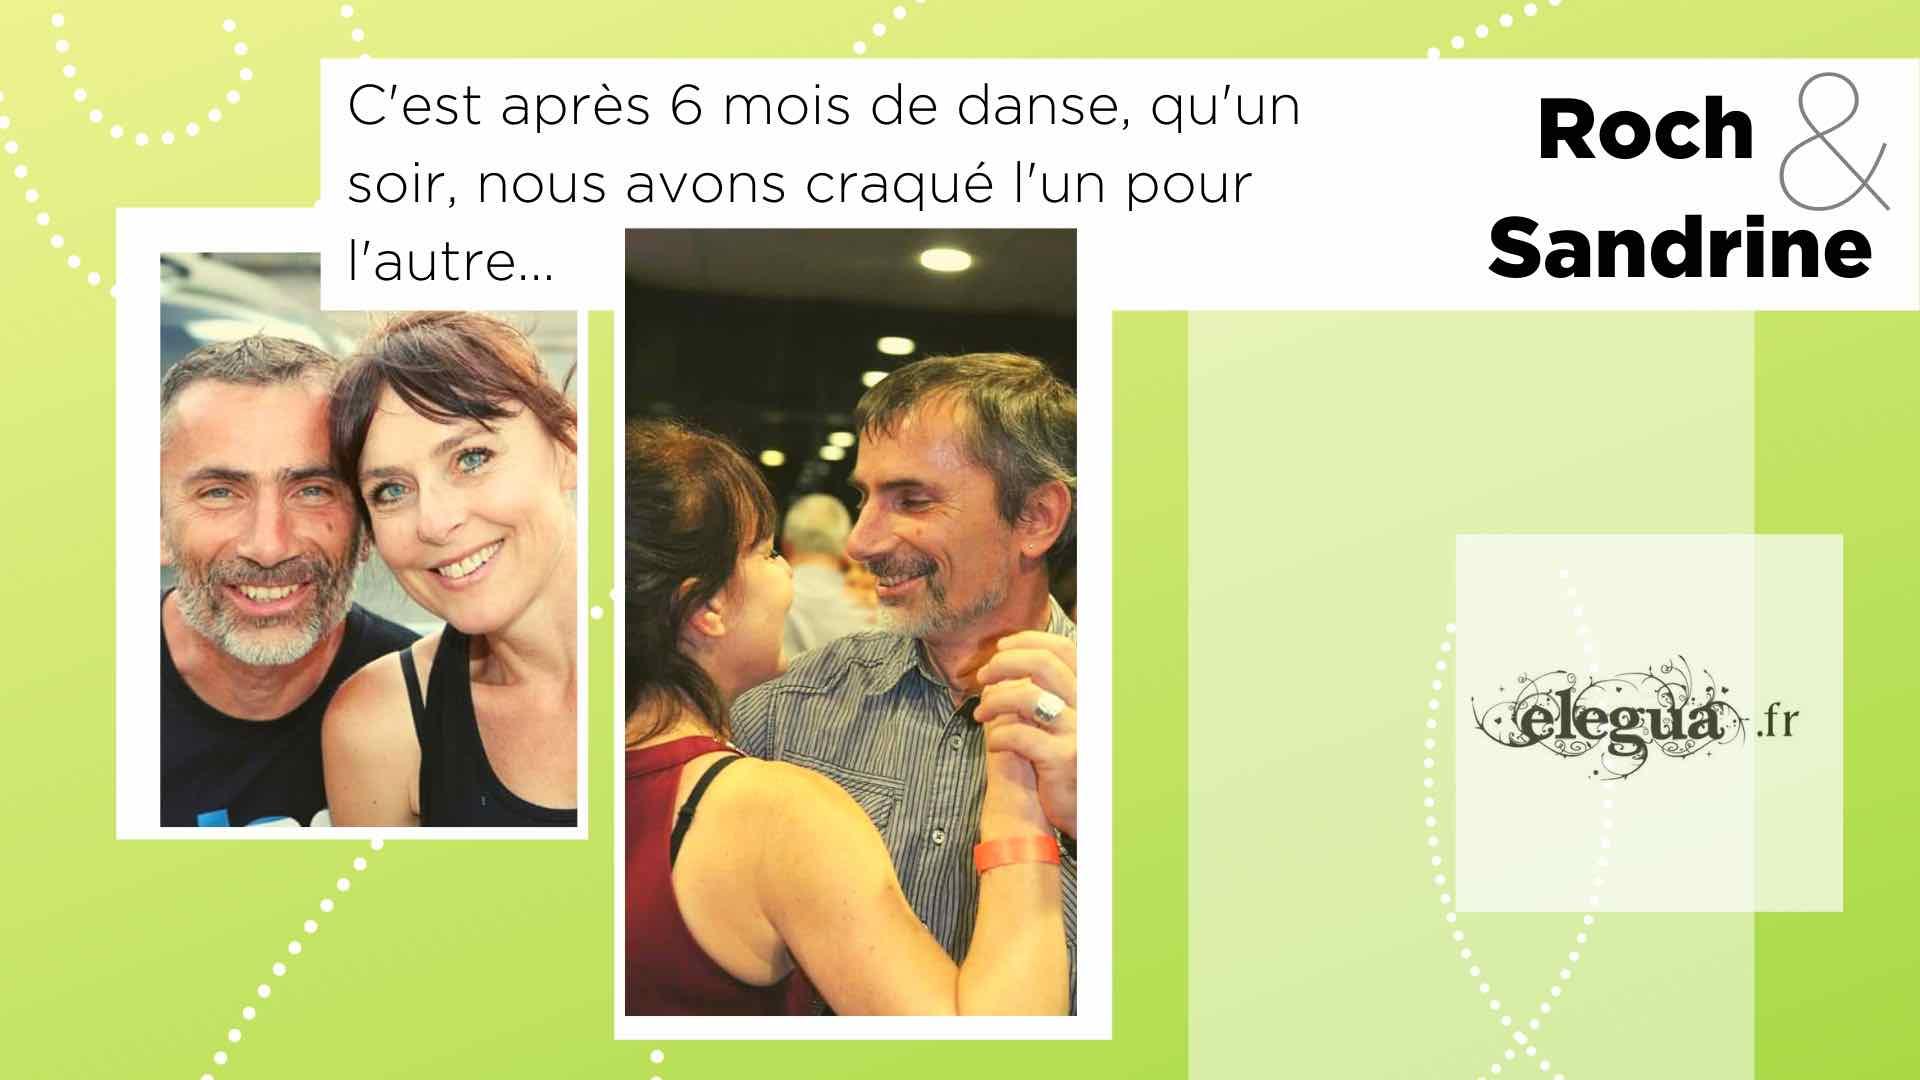 Ils ont rencontré l'amour chez Elegua Roch et Sandrine. Pour la Saint-Valentin 8 couples nous partagent leur histoire...